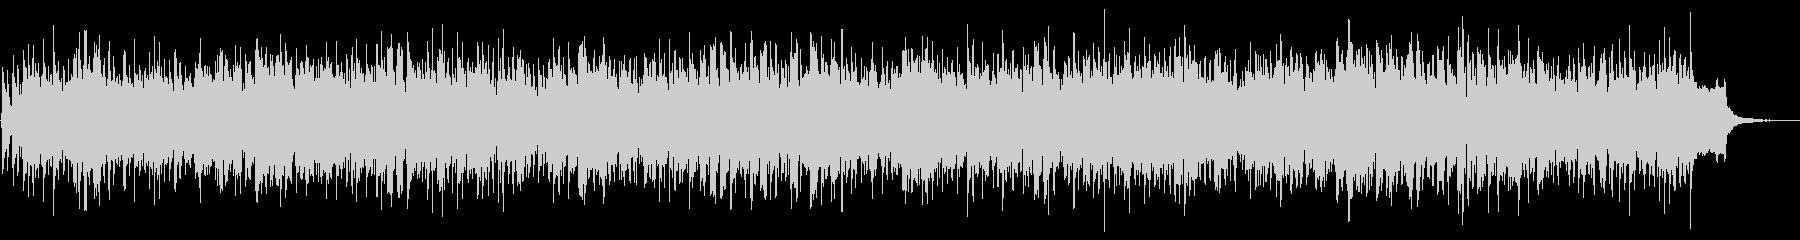 軽快なフィドルソロ、ブルーグラスの未再生の波形